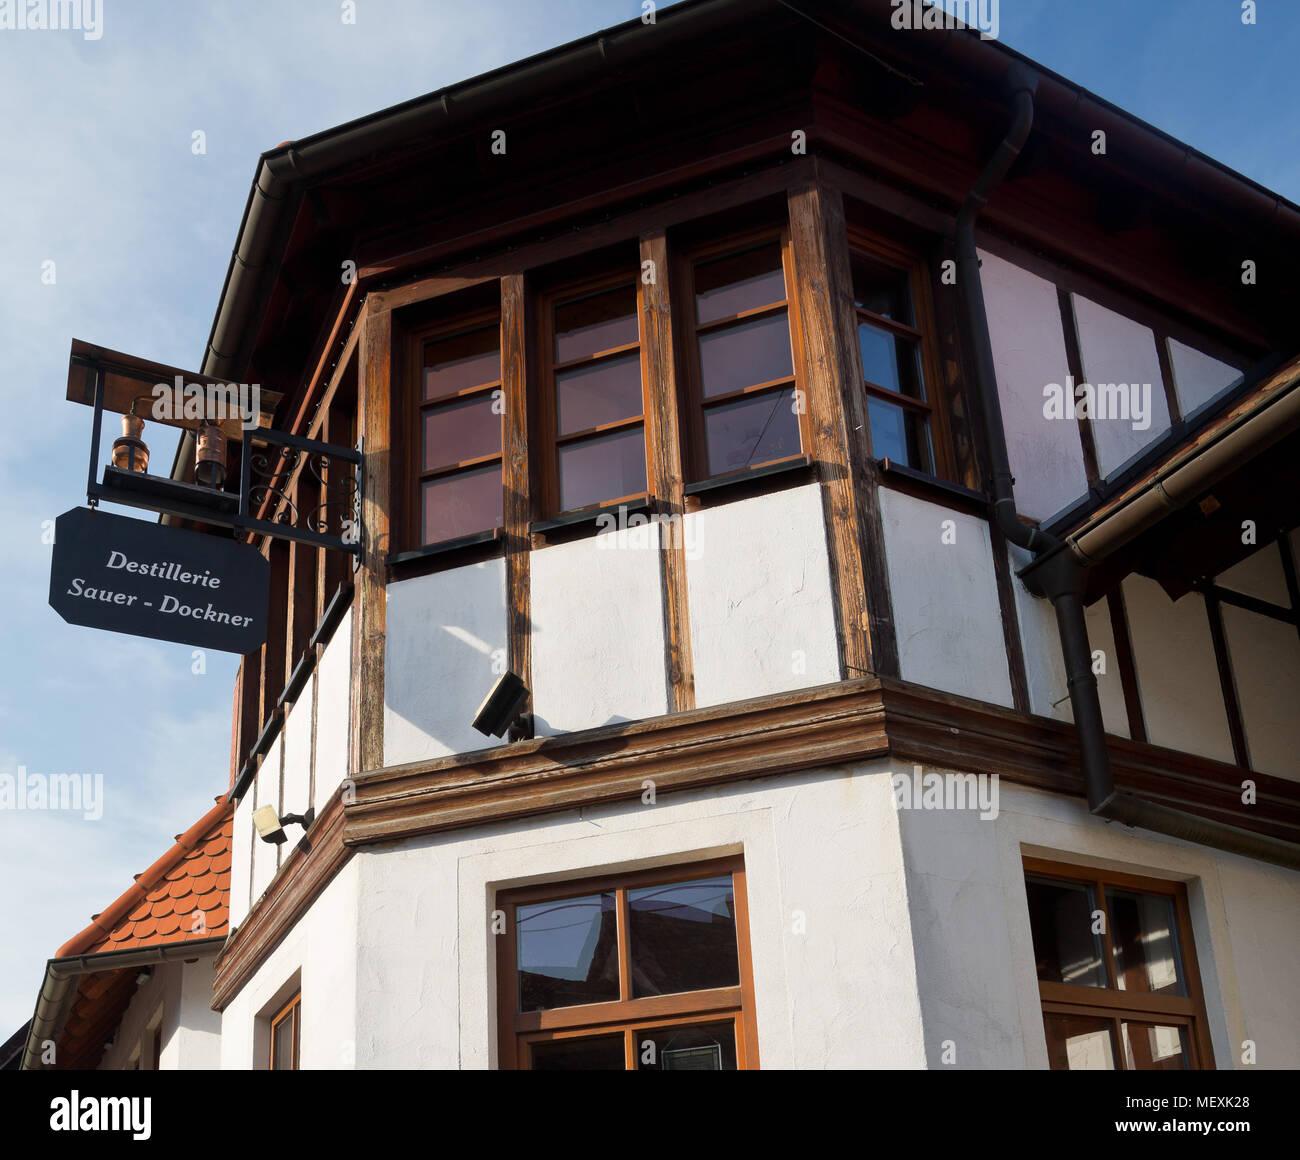 Distillery Sauer-Dockner in Weisenheim am Berg, Rheinland-Pfalz, Germany, Europe - Stock Image